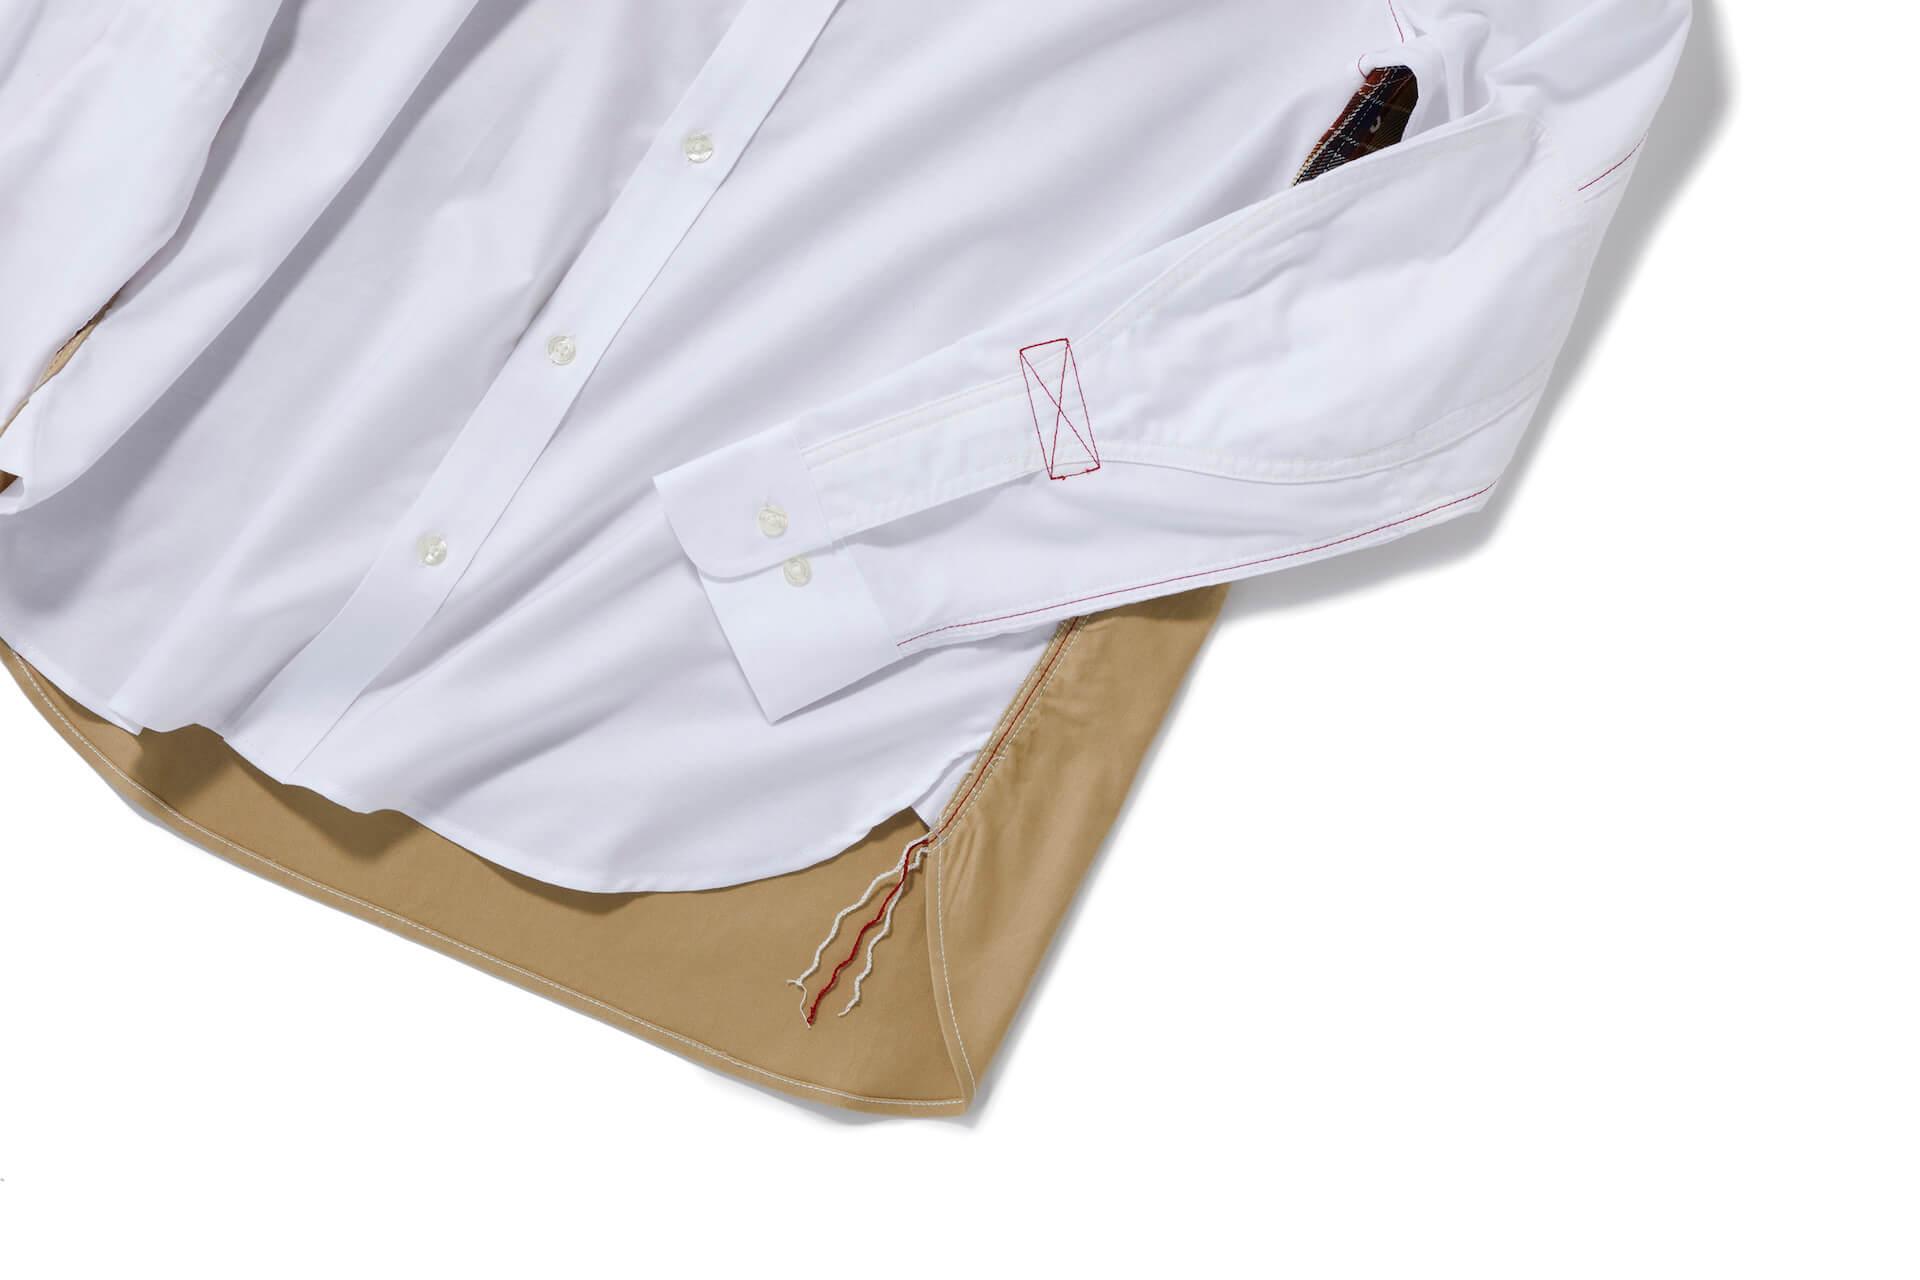 ブルックス ブラザーズ×COMME des GARÇONS JUNYA WATANABE MANのコラボ再び!アイコニックなブレザー&シャツが登場 fashion2020907-brooksbrothers4